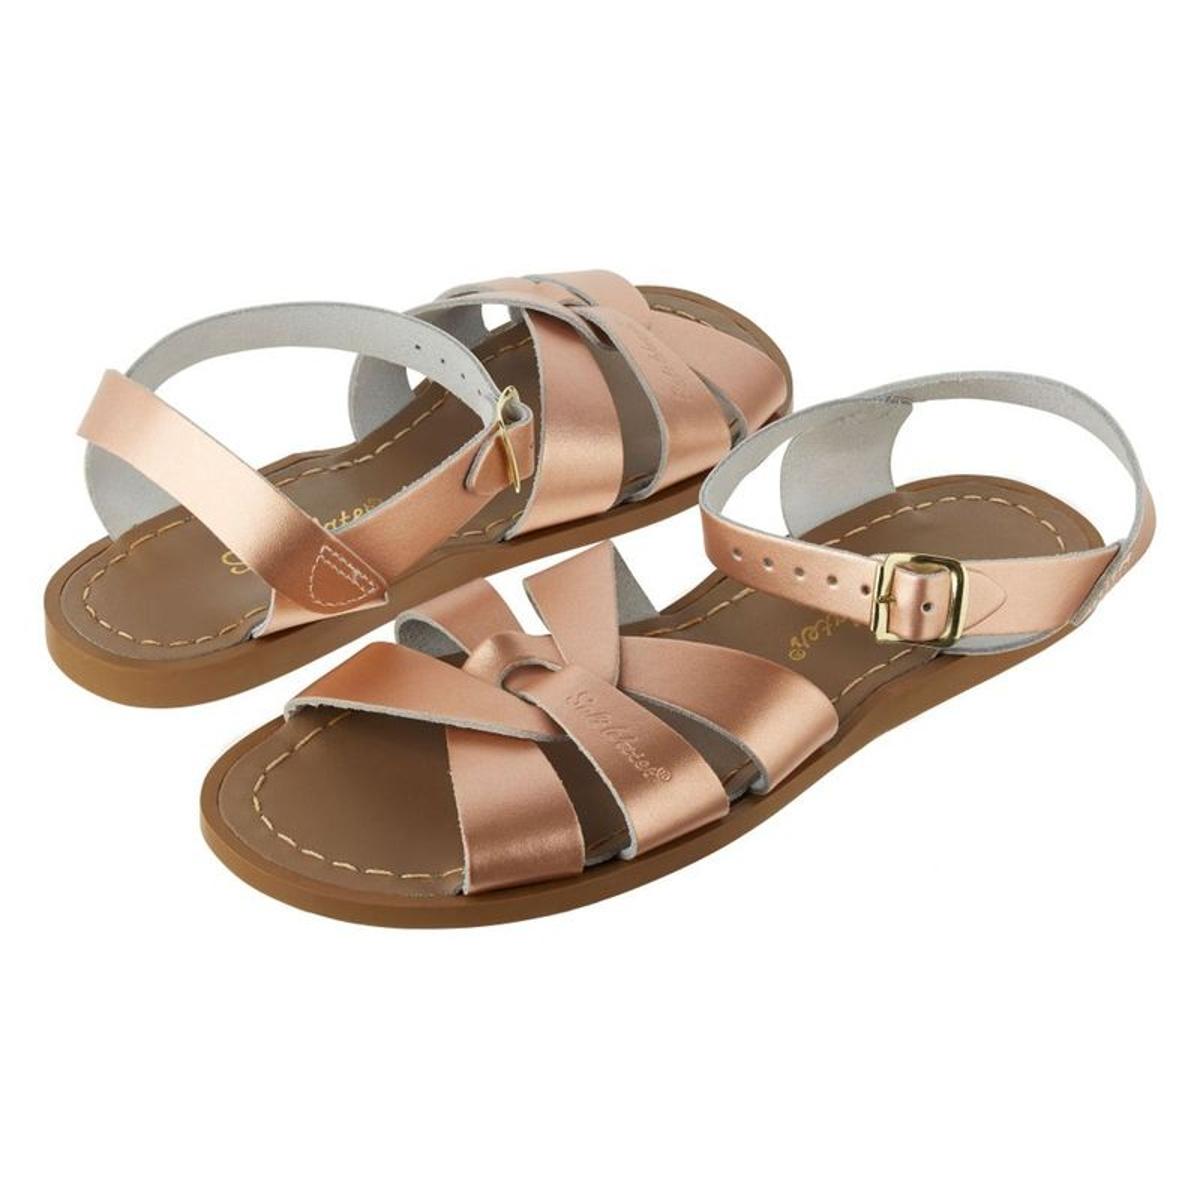 Sandales et nu-pieds cuir ORIGINAL PREMIUM